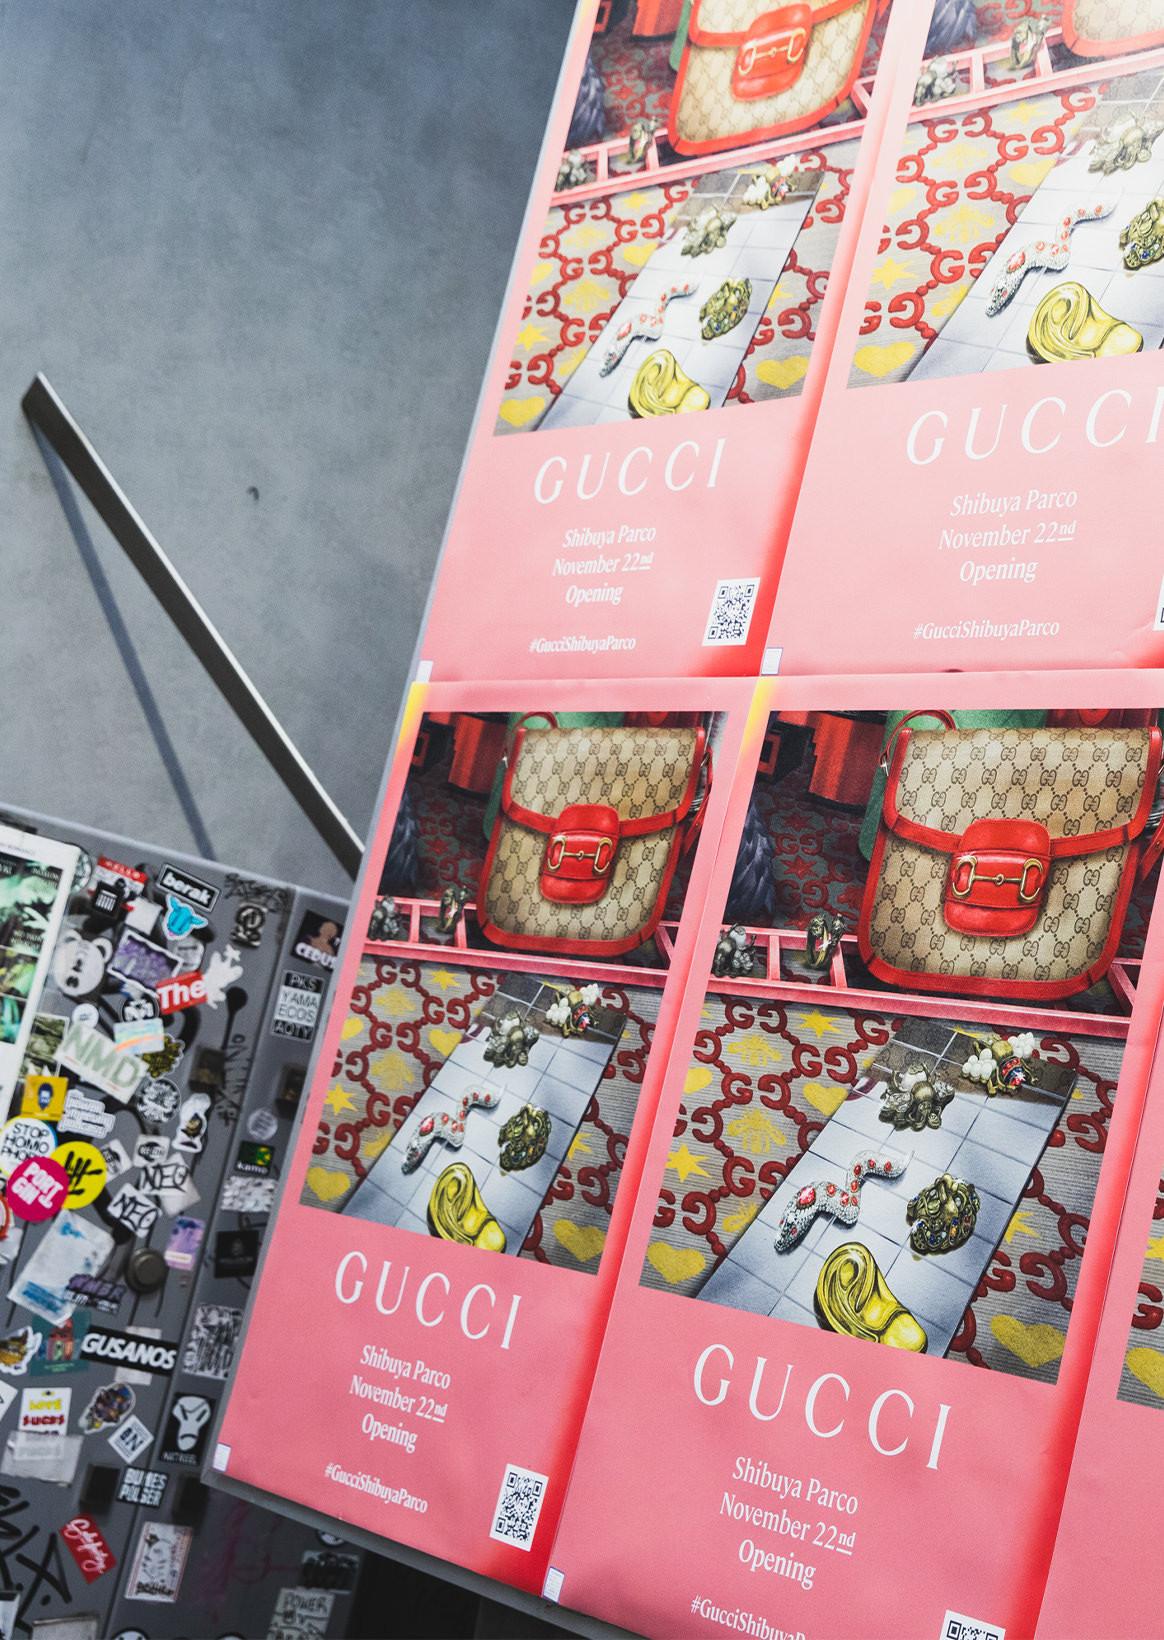 渋谷の街をPARCOが広告ジャック|GUCCI、M/M (Paris)、AKIRAなど、世界を舞台に展開するクリエイティブが集積。